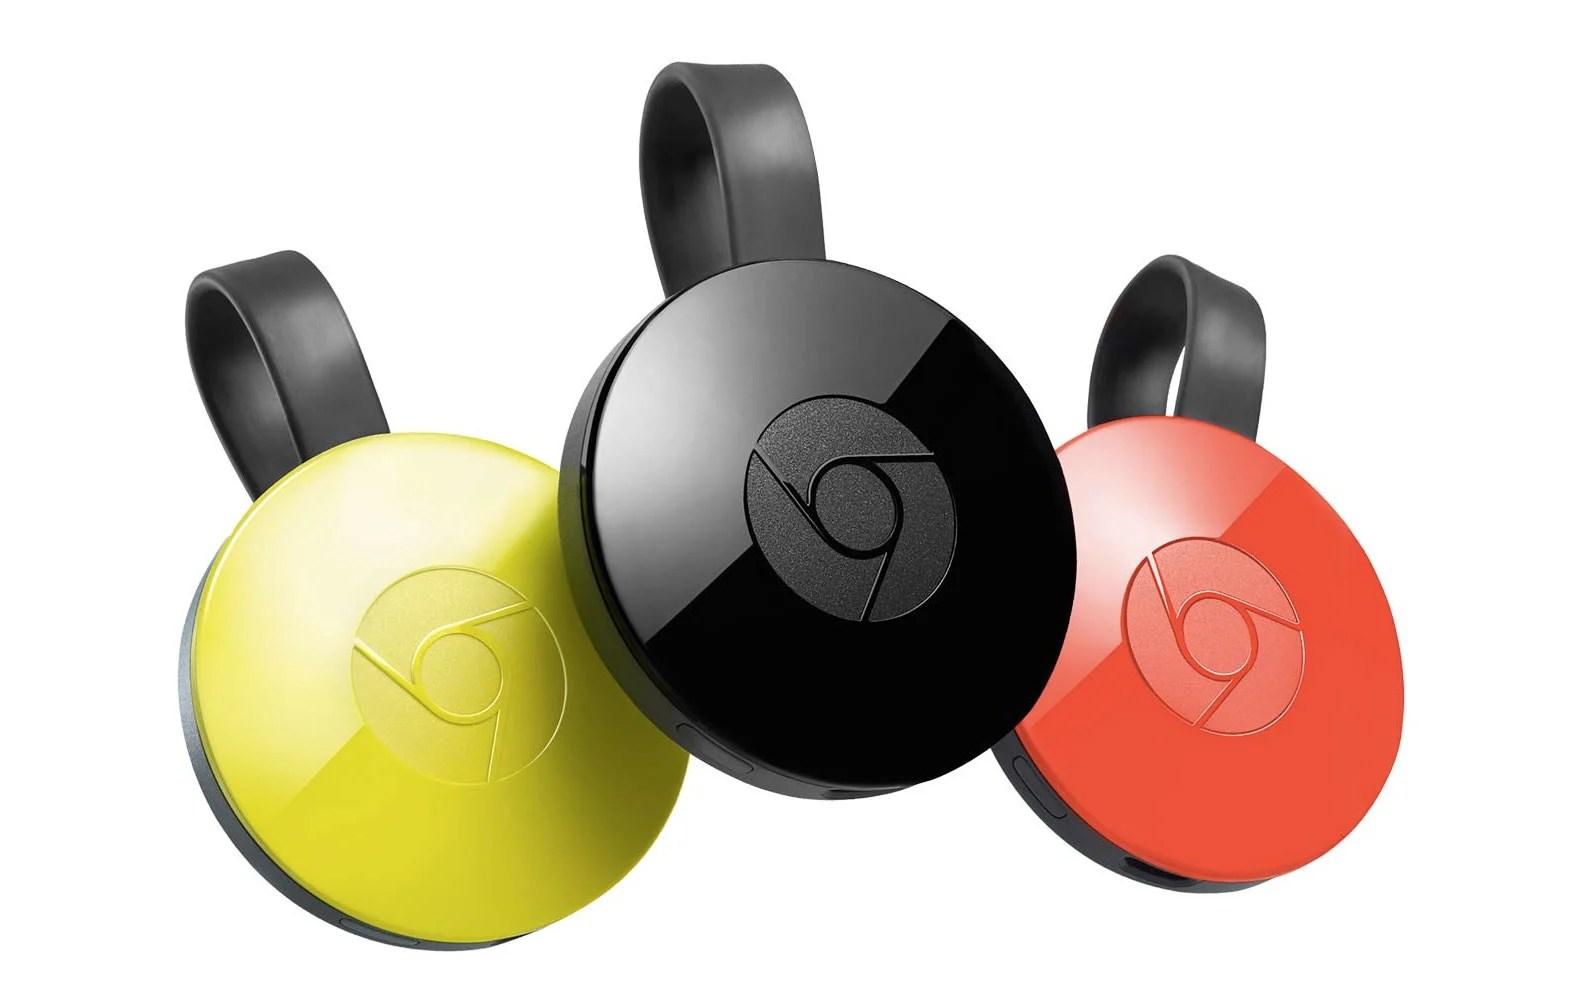 Google Chromecast 2 Tout Ce Quil Faut Savoir FrAndroid